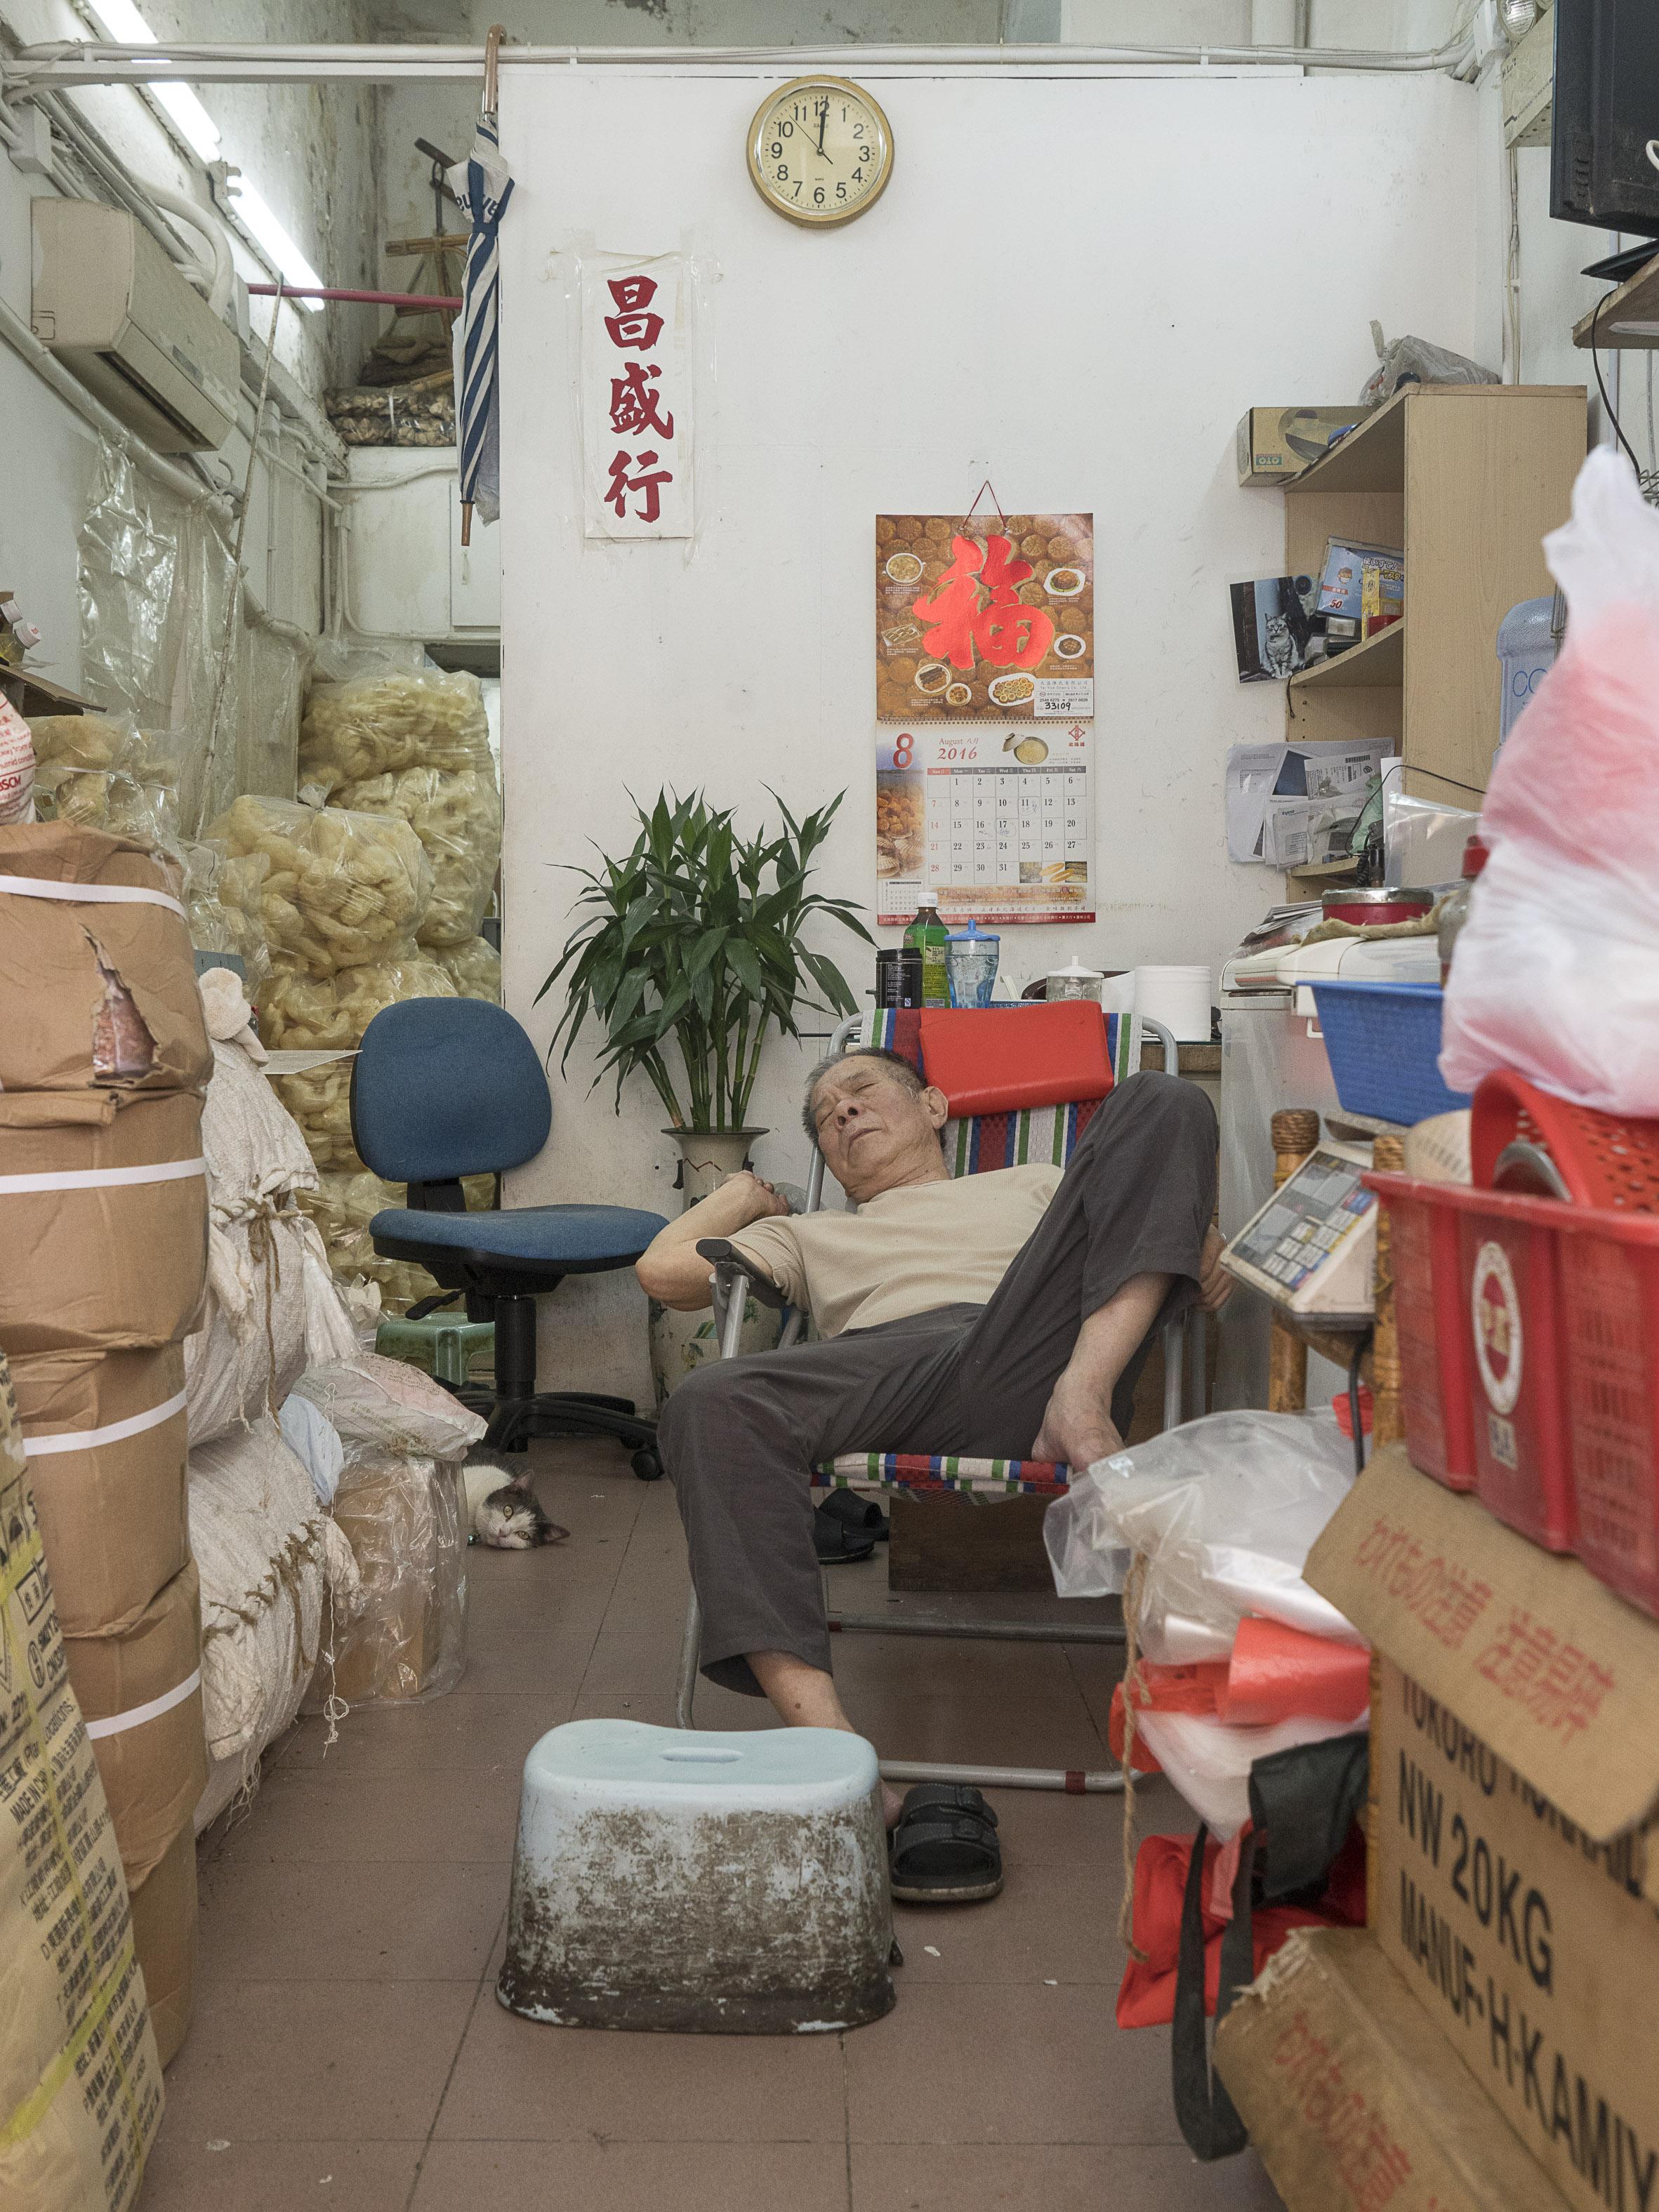 M. Heijnen, HK Shop Cats #10.jpg